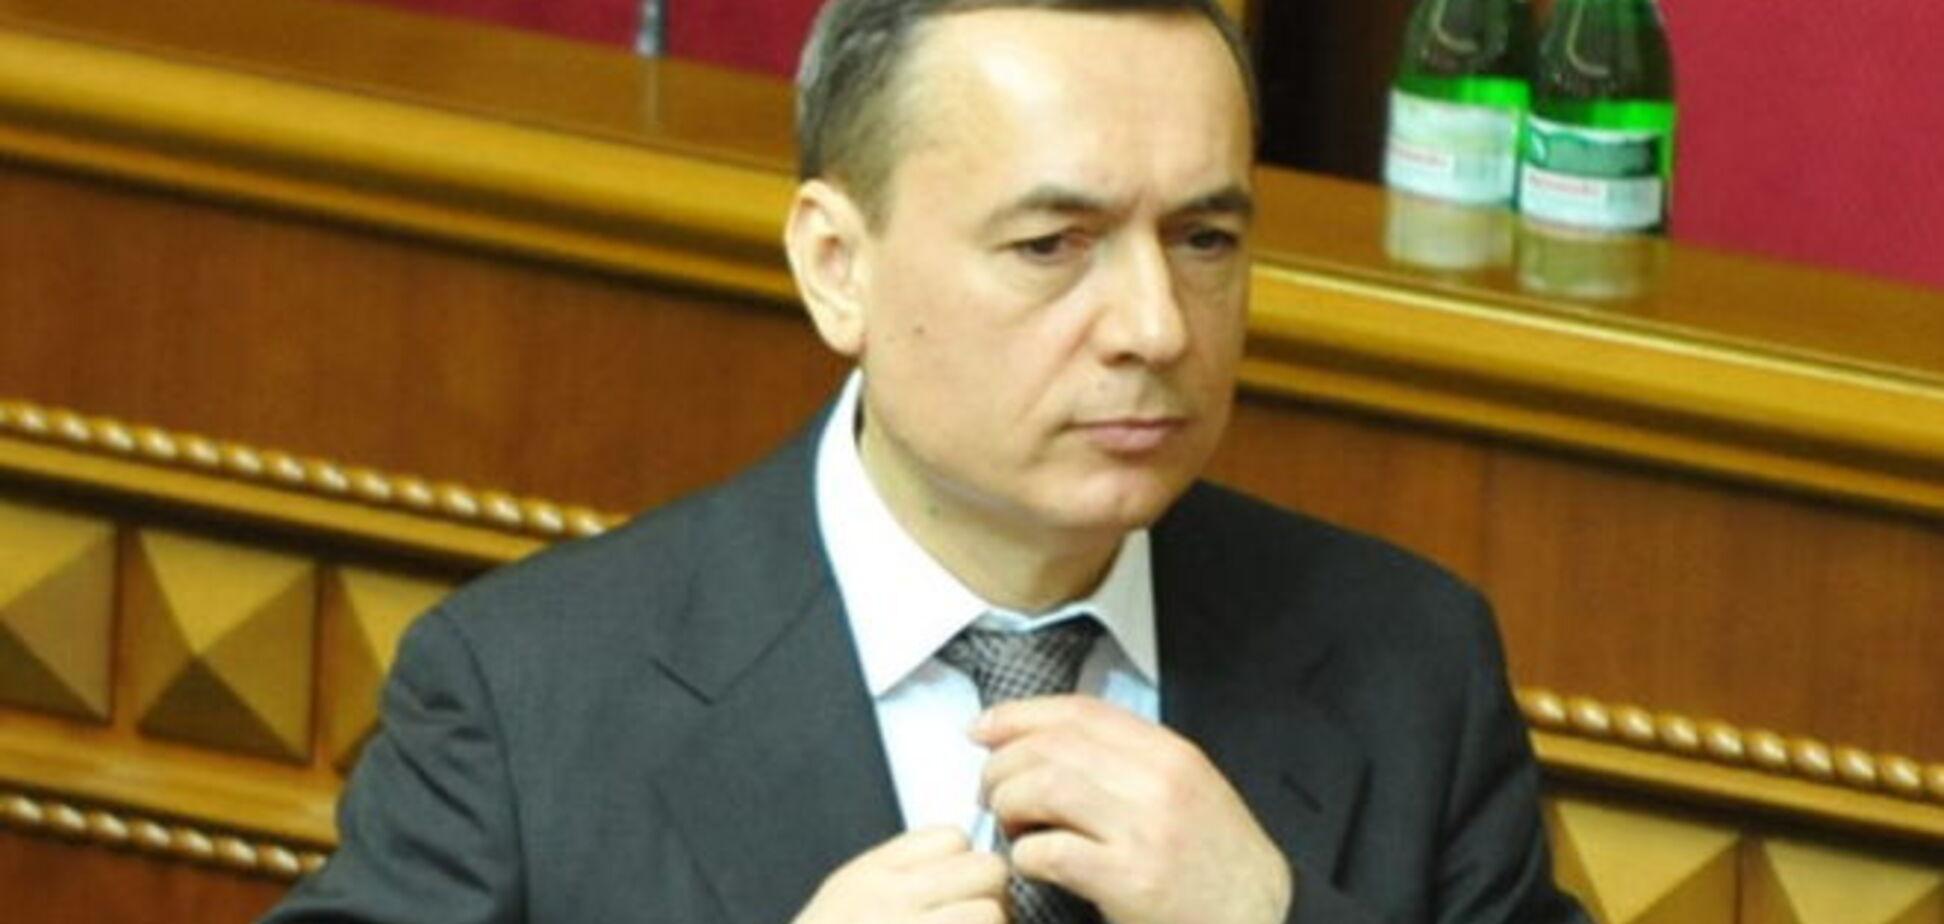 'Народный фронтовик' Николай Мартыненко наживается на закупке лекарств?